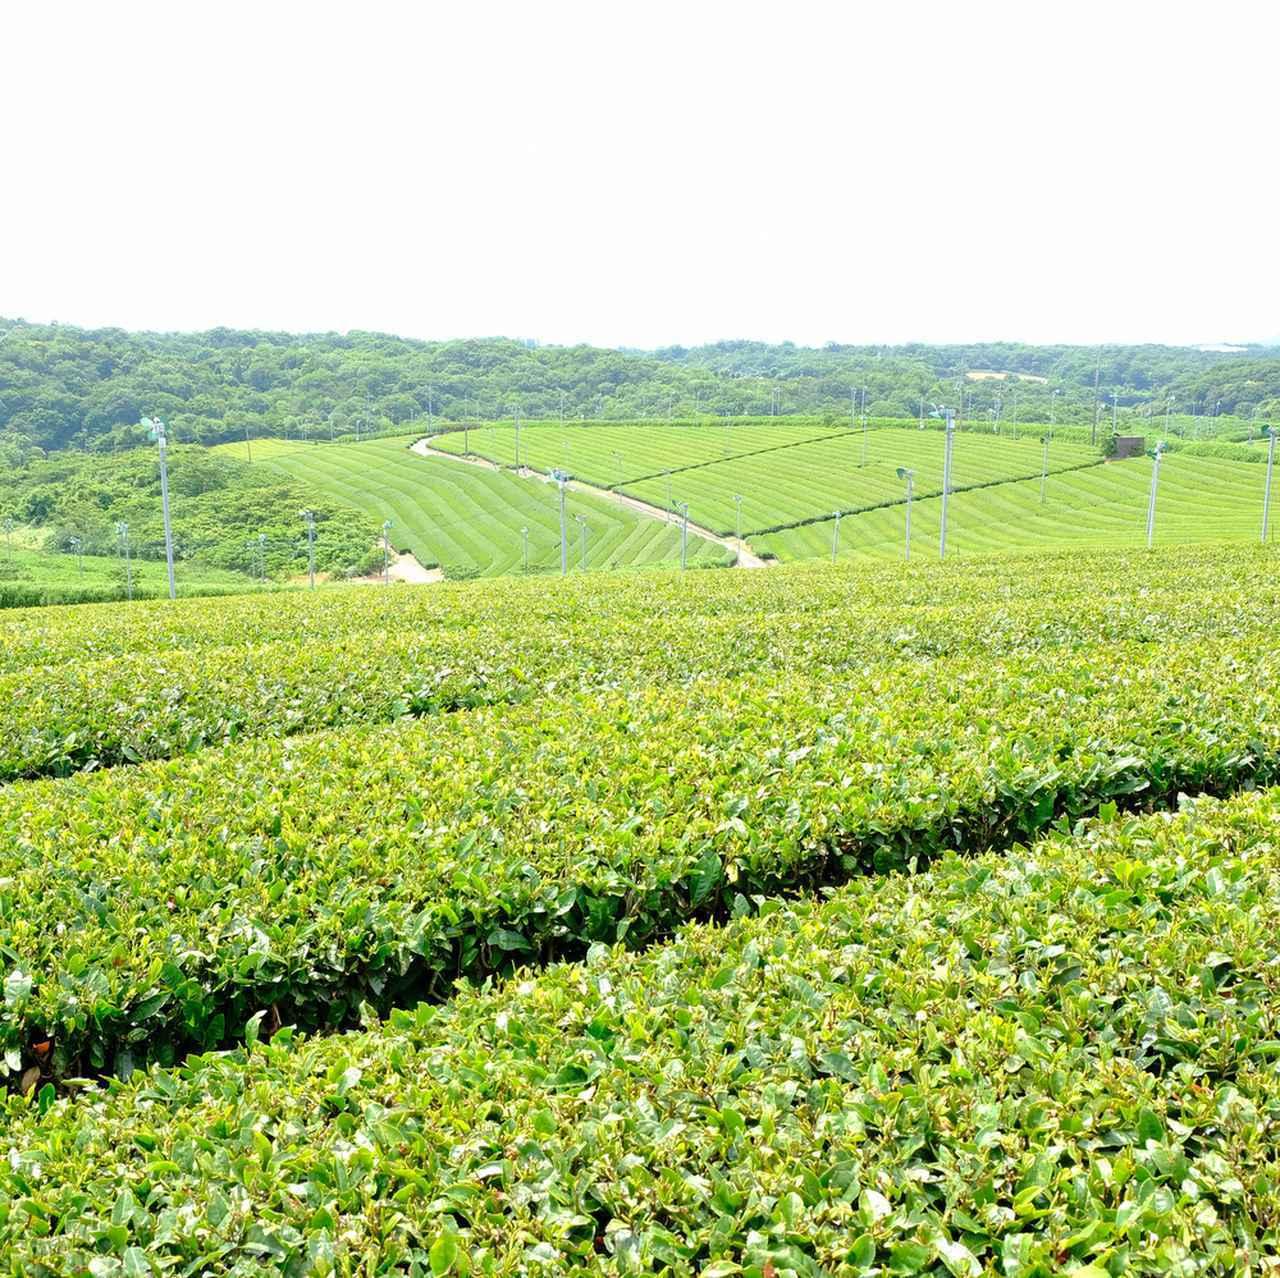 画像: 広大な茶園に圧倒されました…。山口にこんなところがあったなんて。360度の絶景でした。